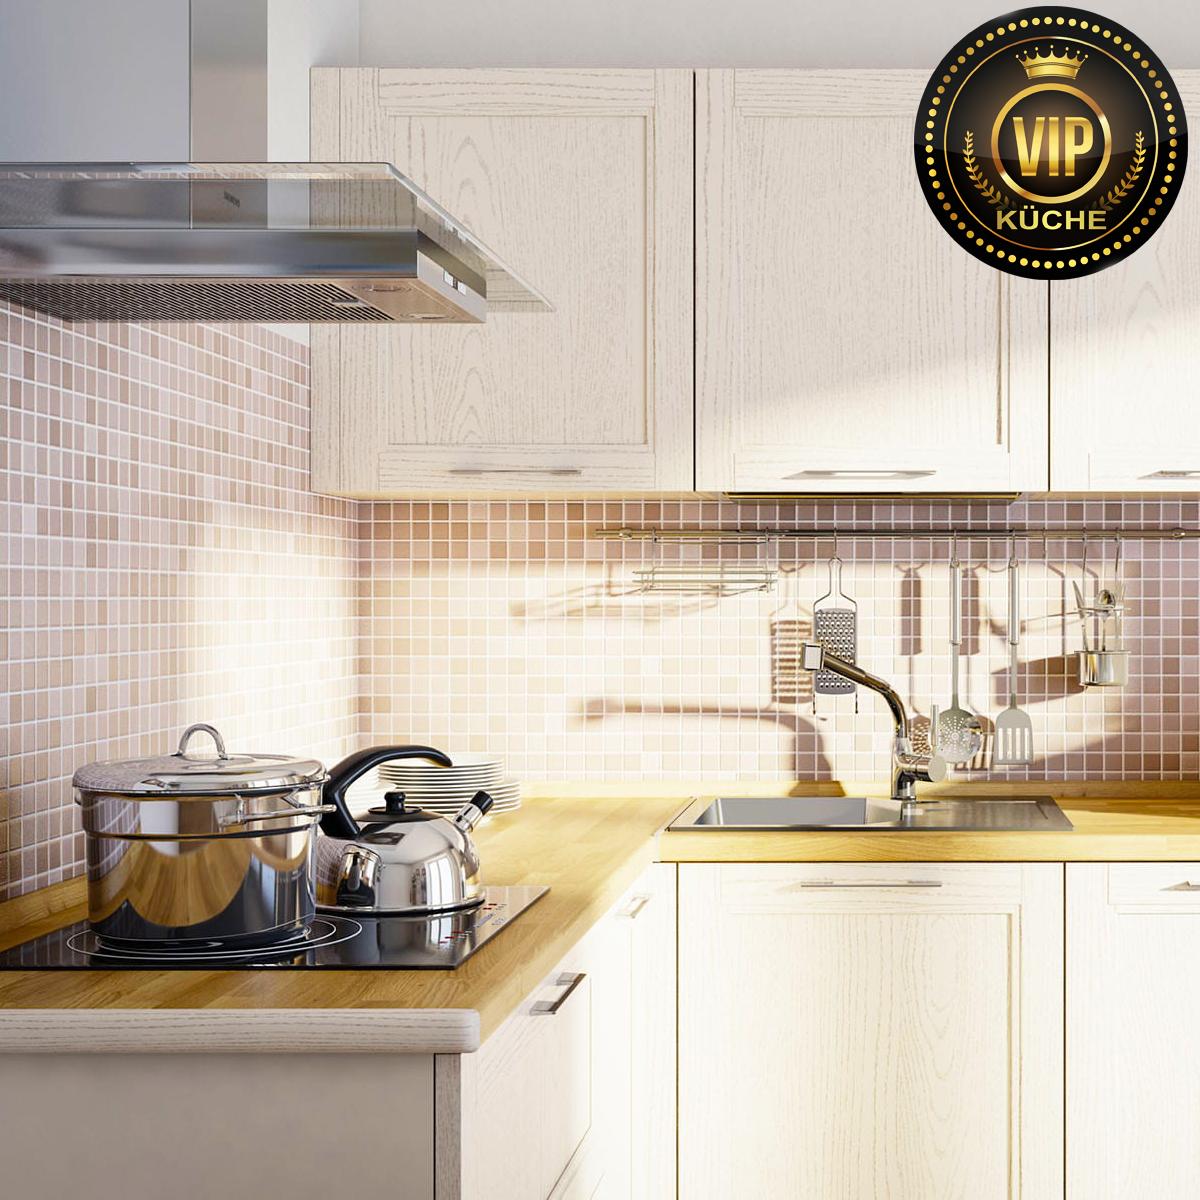 küche weiß einbauküche echtholz winkelküche massivholz moderne küchen